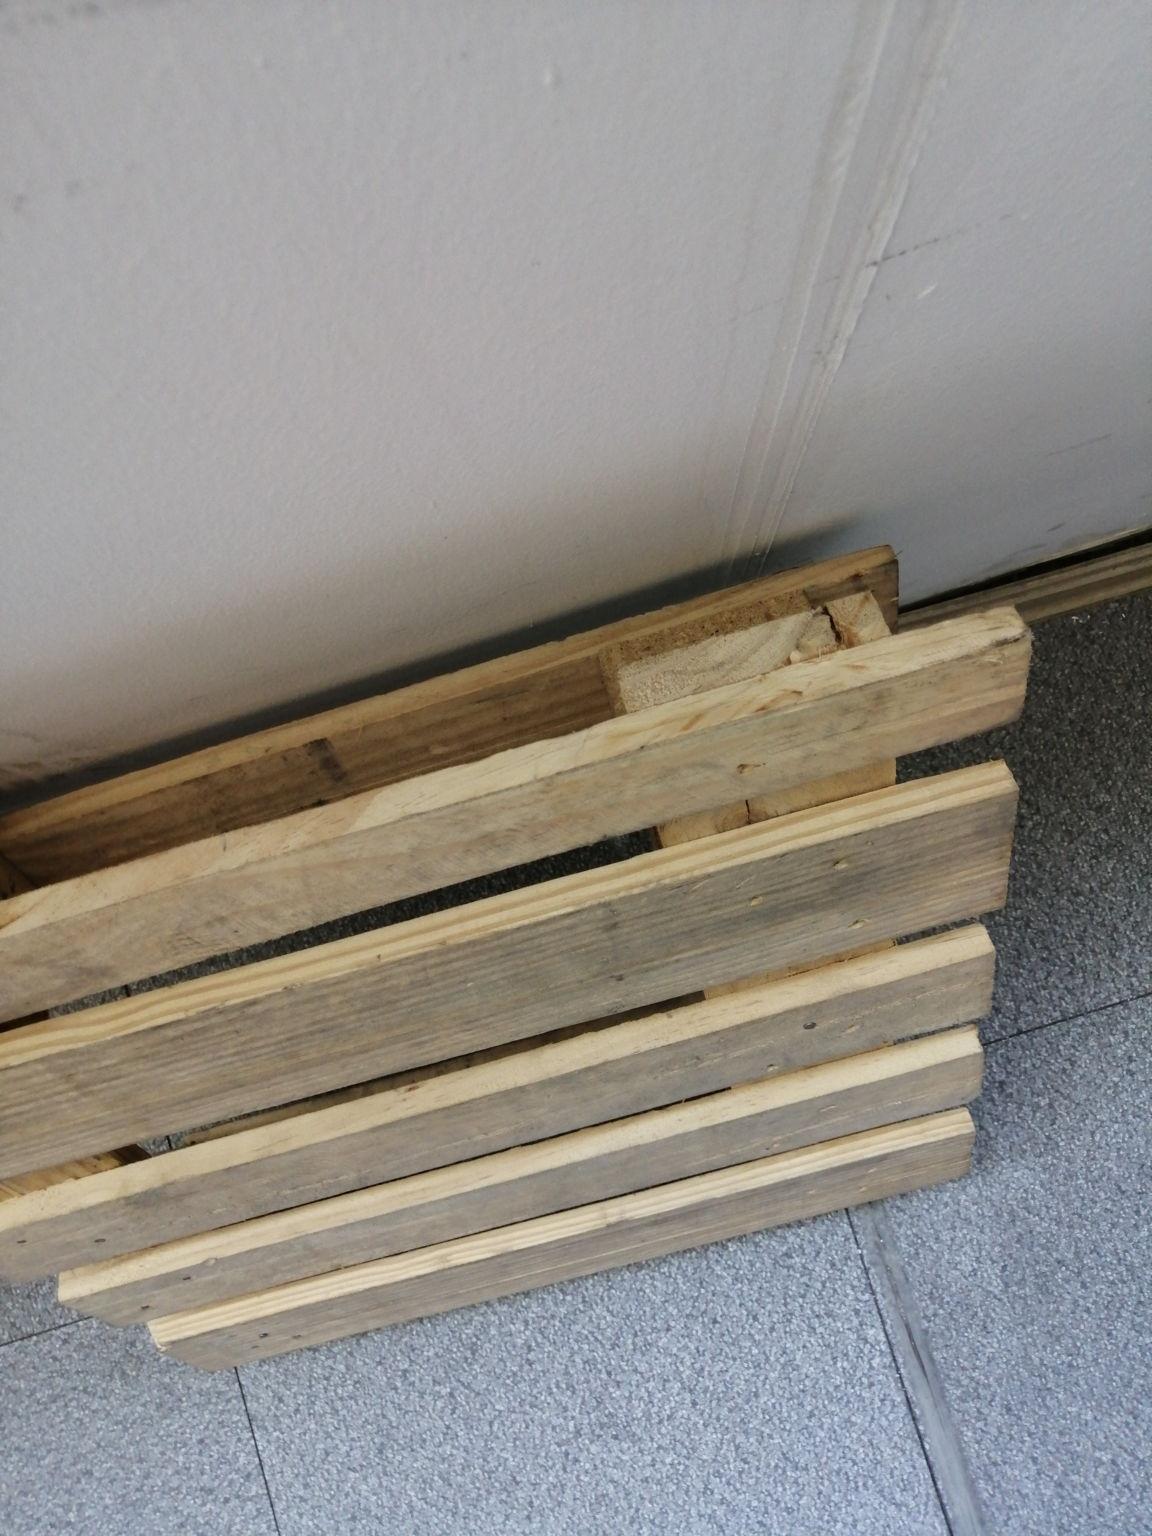 天津建筑胶合板 - 批发厂家